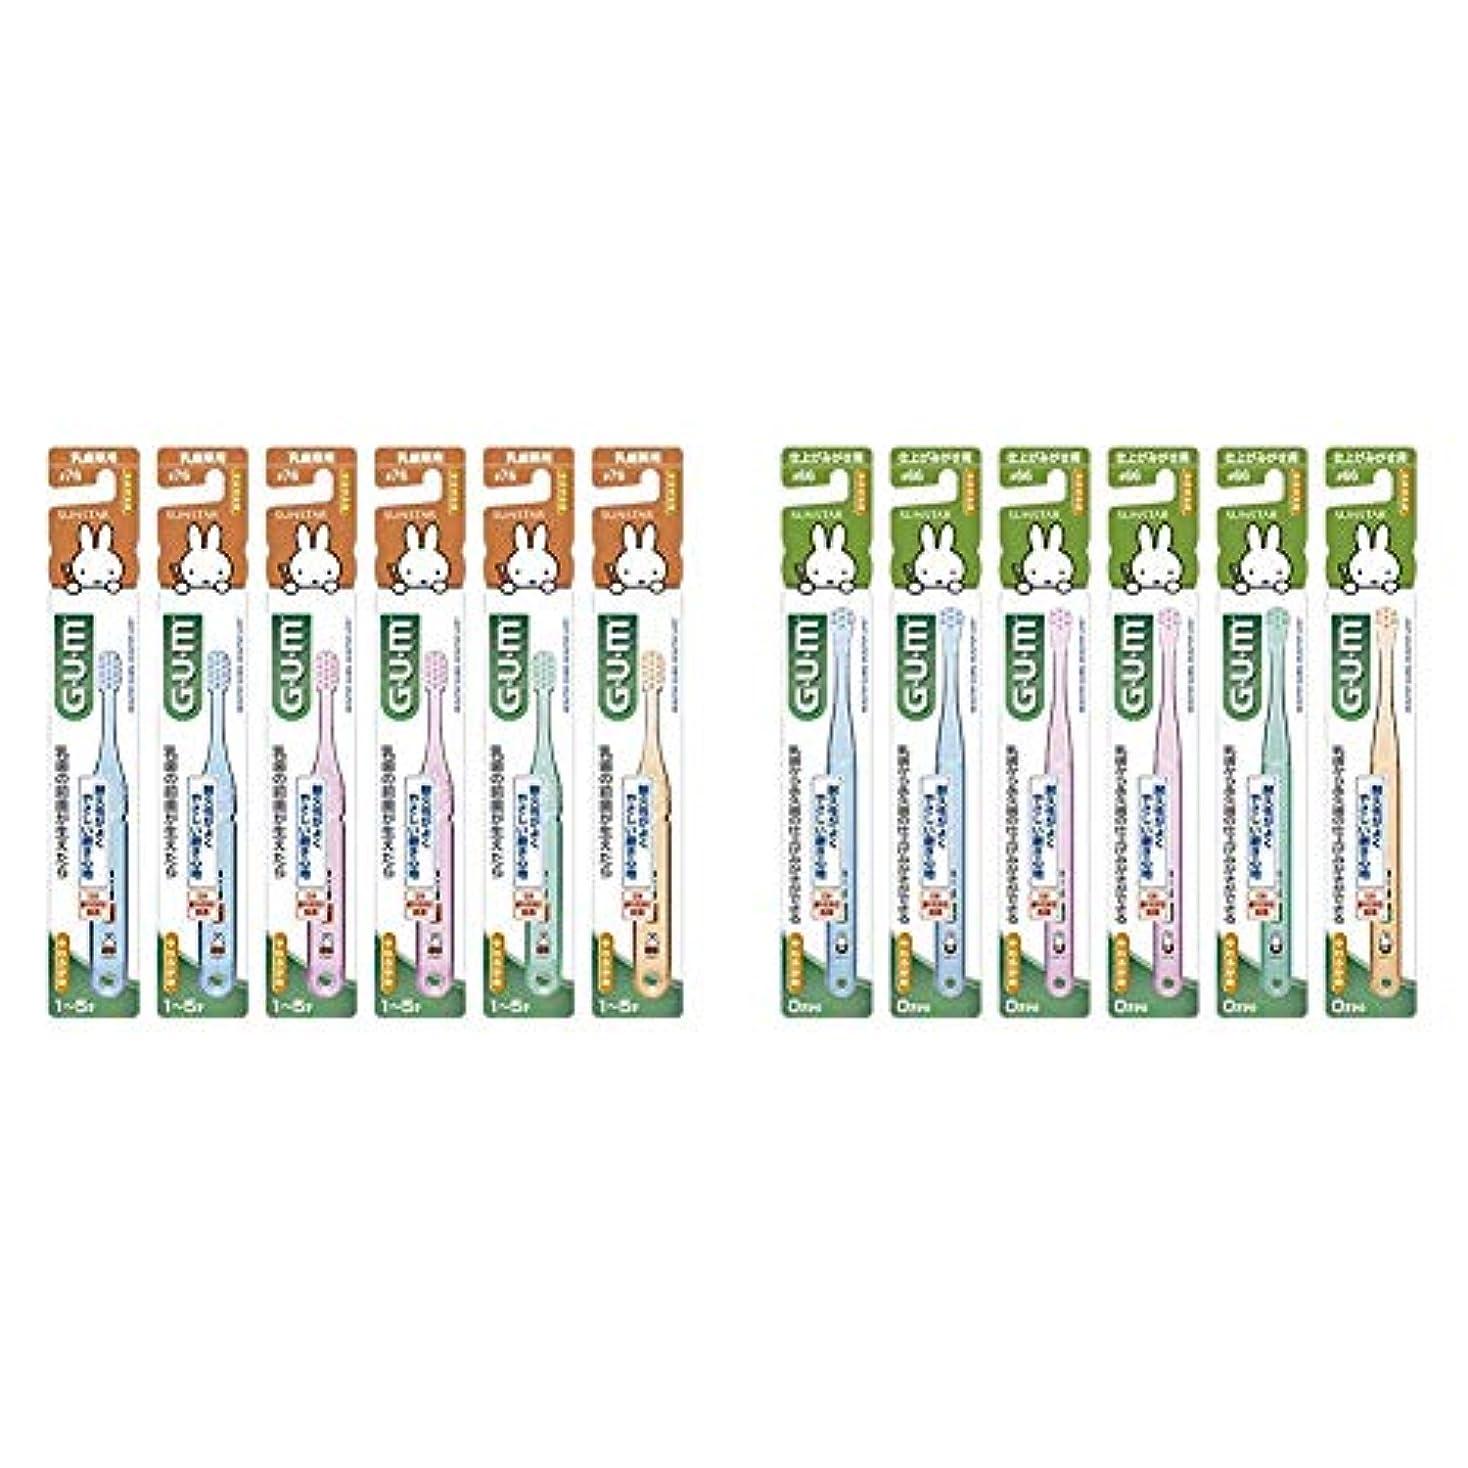 リンクスタッフ最後のGUM(ガム) デンタル こども 歯ブラシ #76 [乳歯期用/やわらかめ] 6本パック+ おまけつき【Amazon.co.jp限定】 & デンタル こども 歯ブラシ #66 [仕上げみがき用/やわらかめ] 6本パック+...